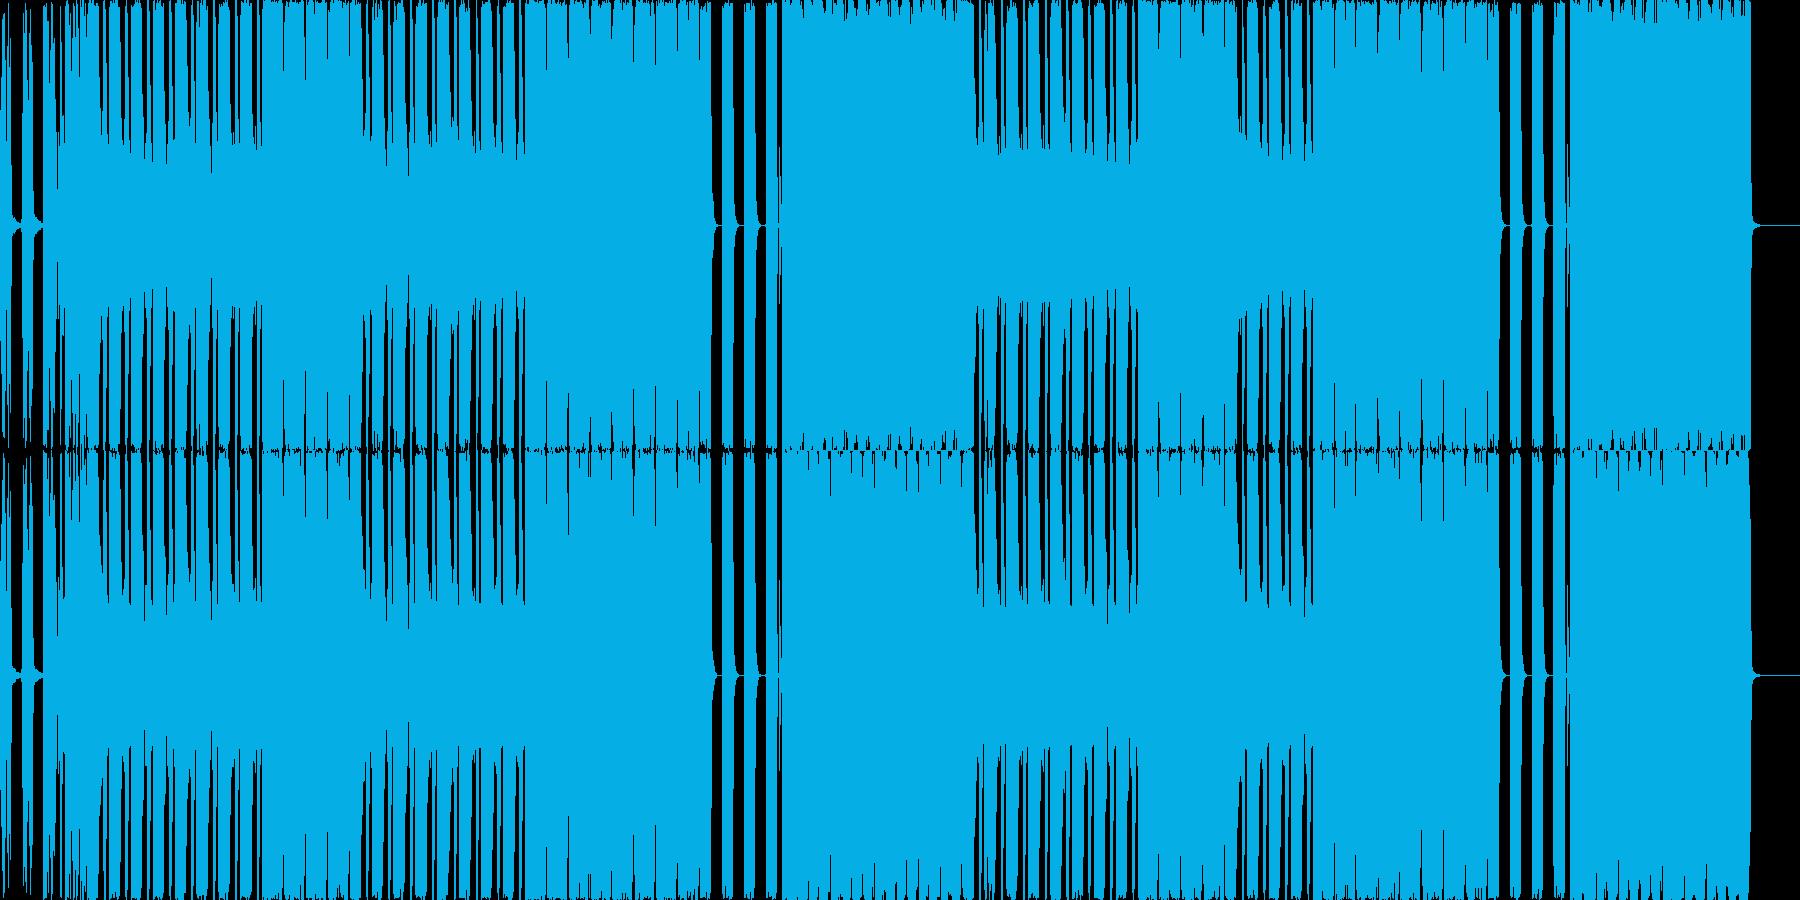 変態リズムの喧しめシンセサウンドの再生済みの波形